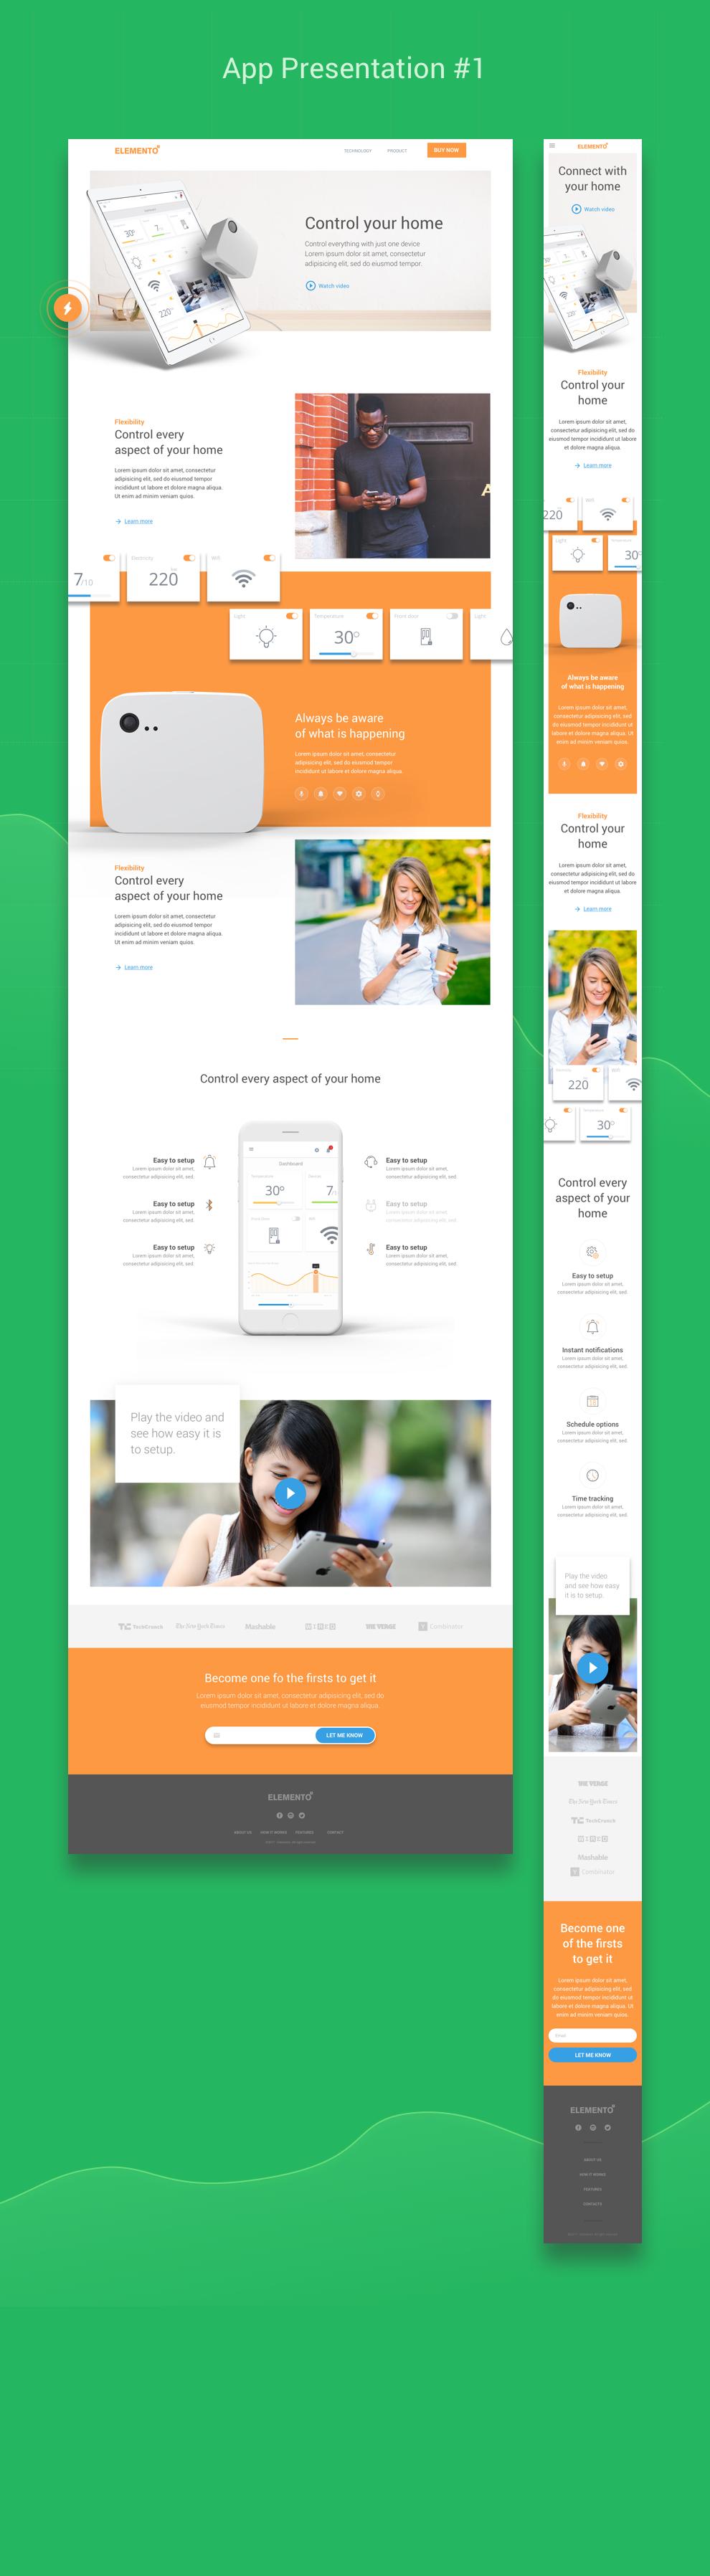 Elemento multi purpose web design template for startups - Web application home page design ...